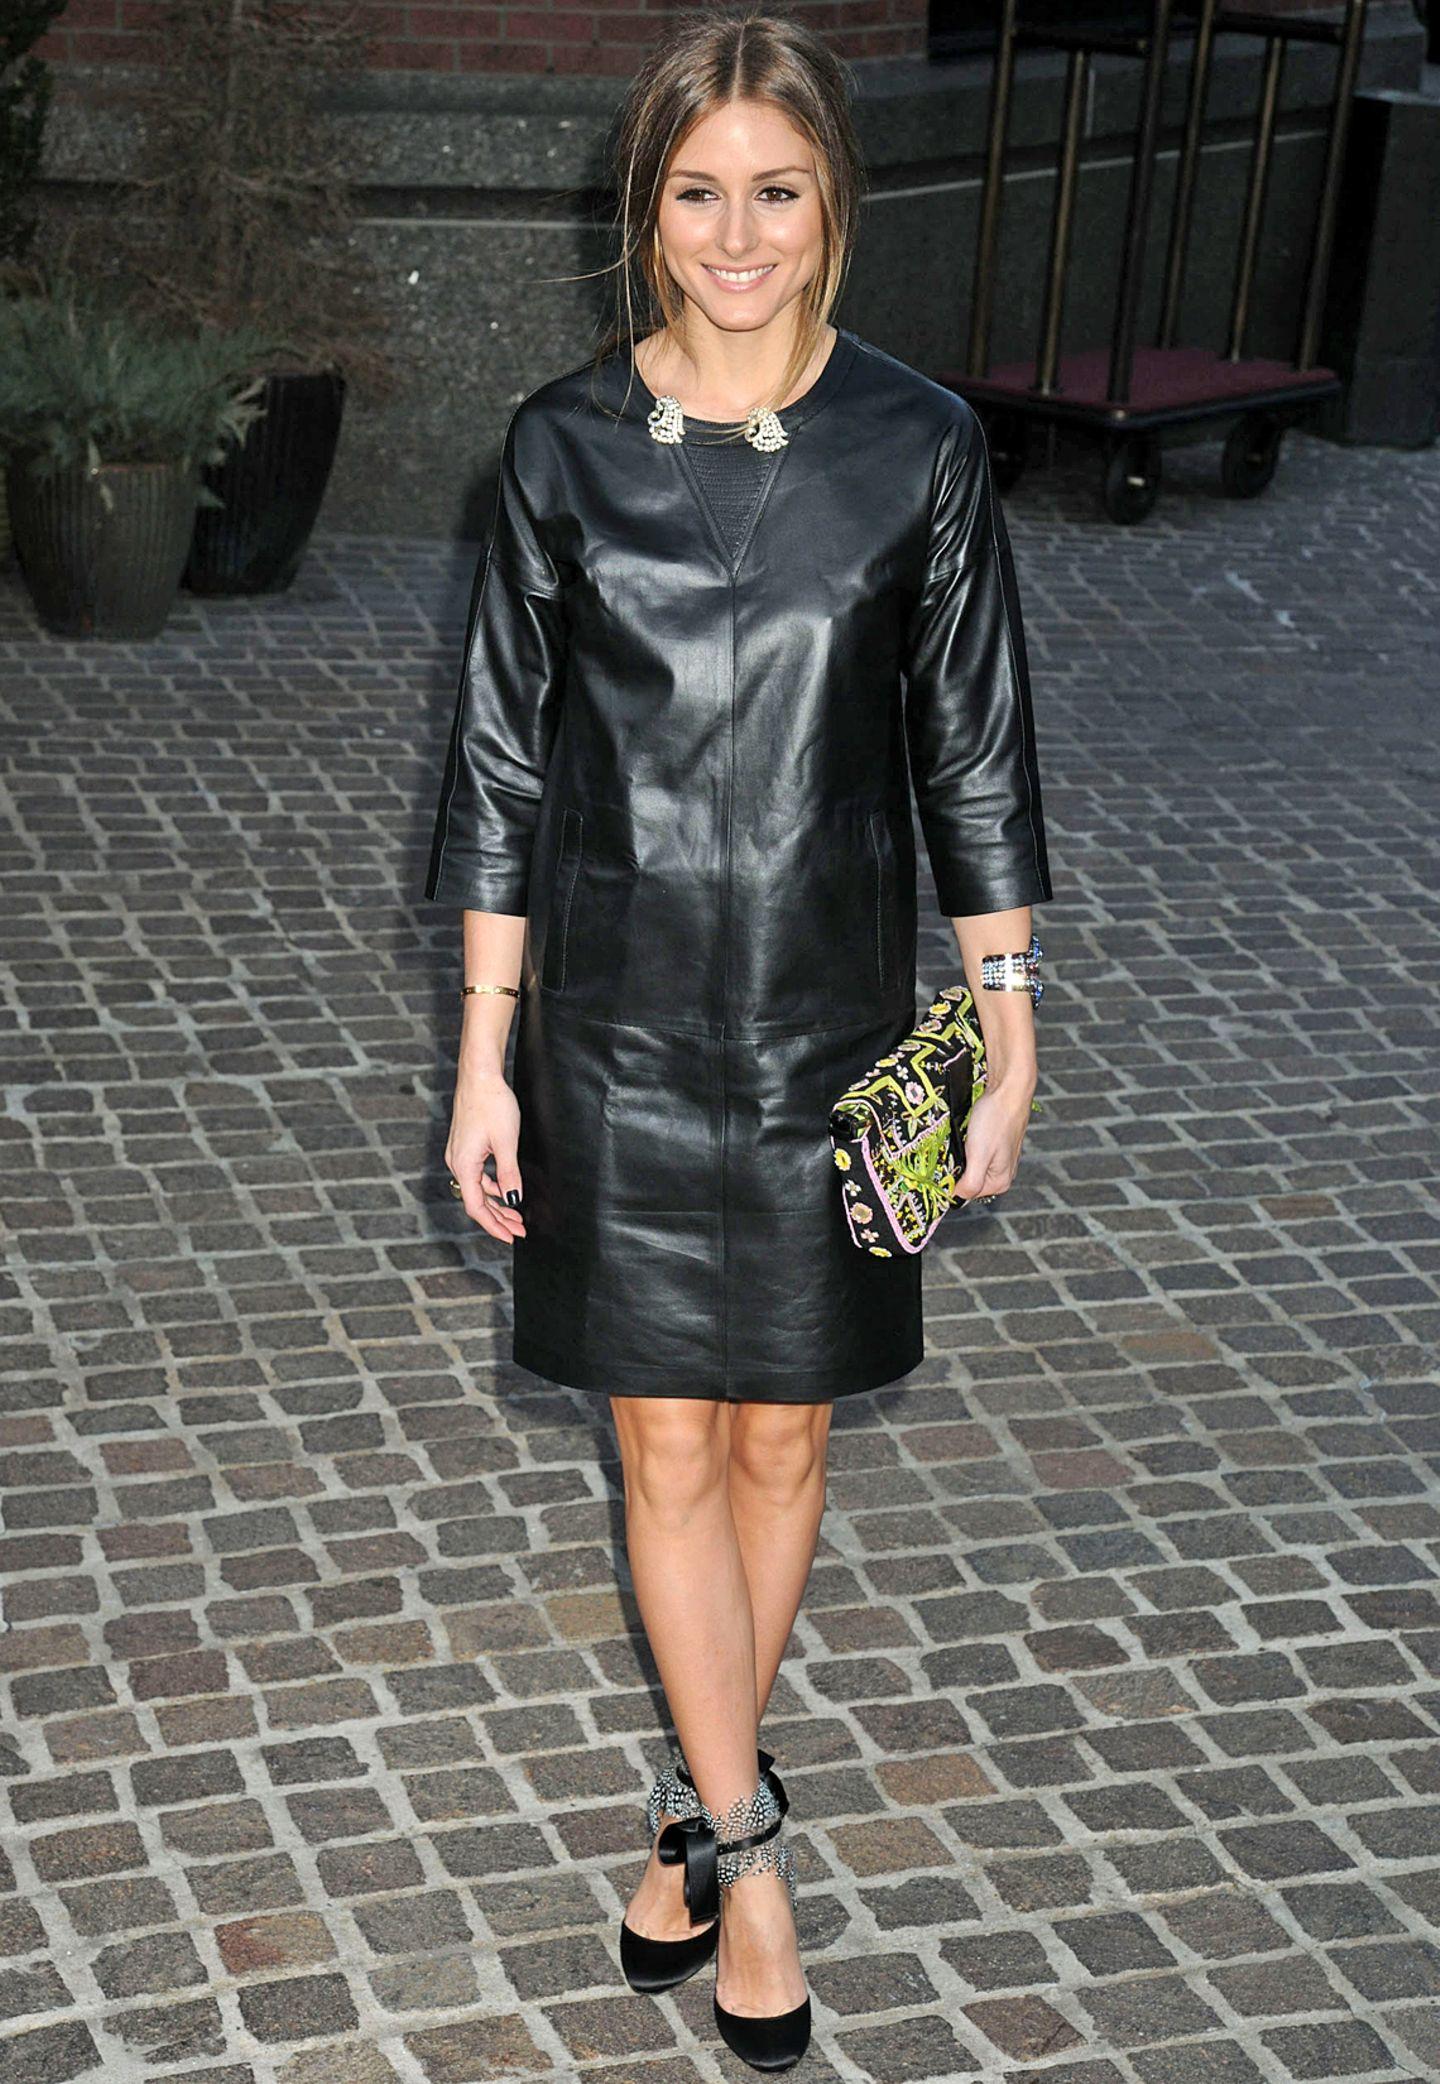 Was wären die Fotografen bloß ohne Stilikone Olivia Palermo? Zu einer Filmpremiere trägt die New Yorkerin ein kastiges Lederkleid plus Hingucker-Accessoires.